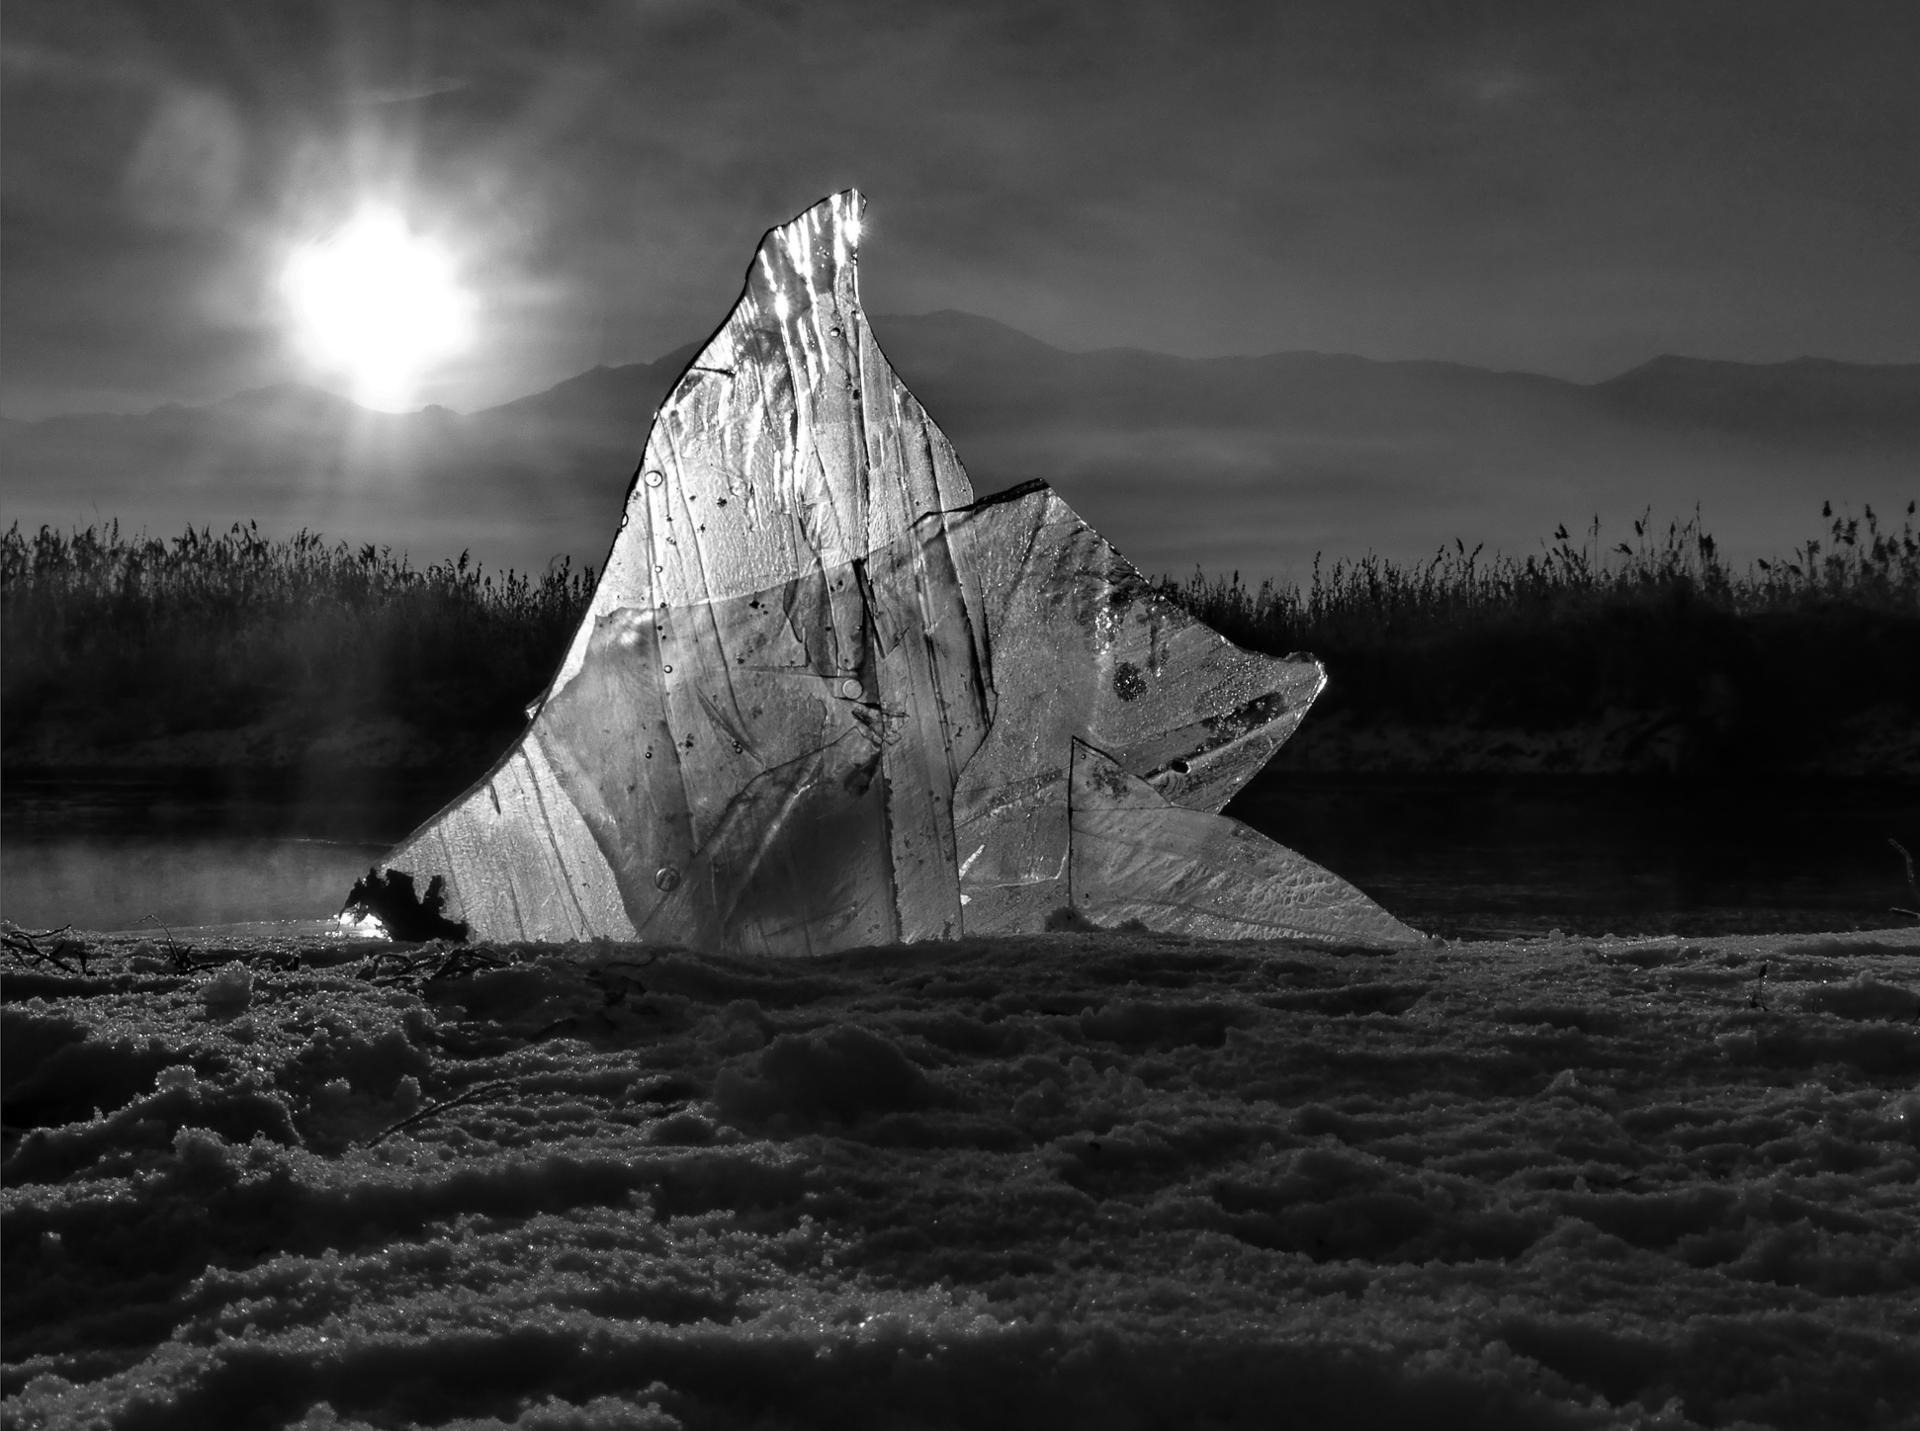 voilier de glace fantome